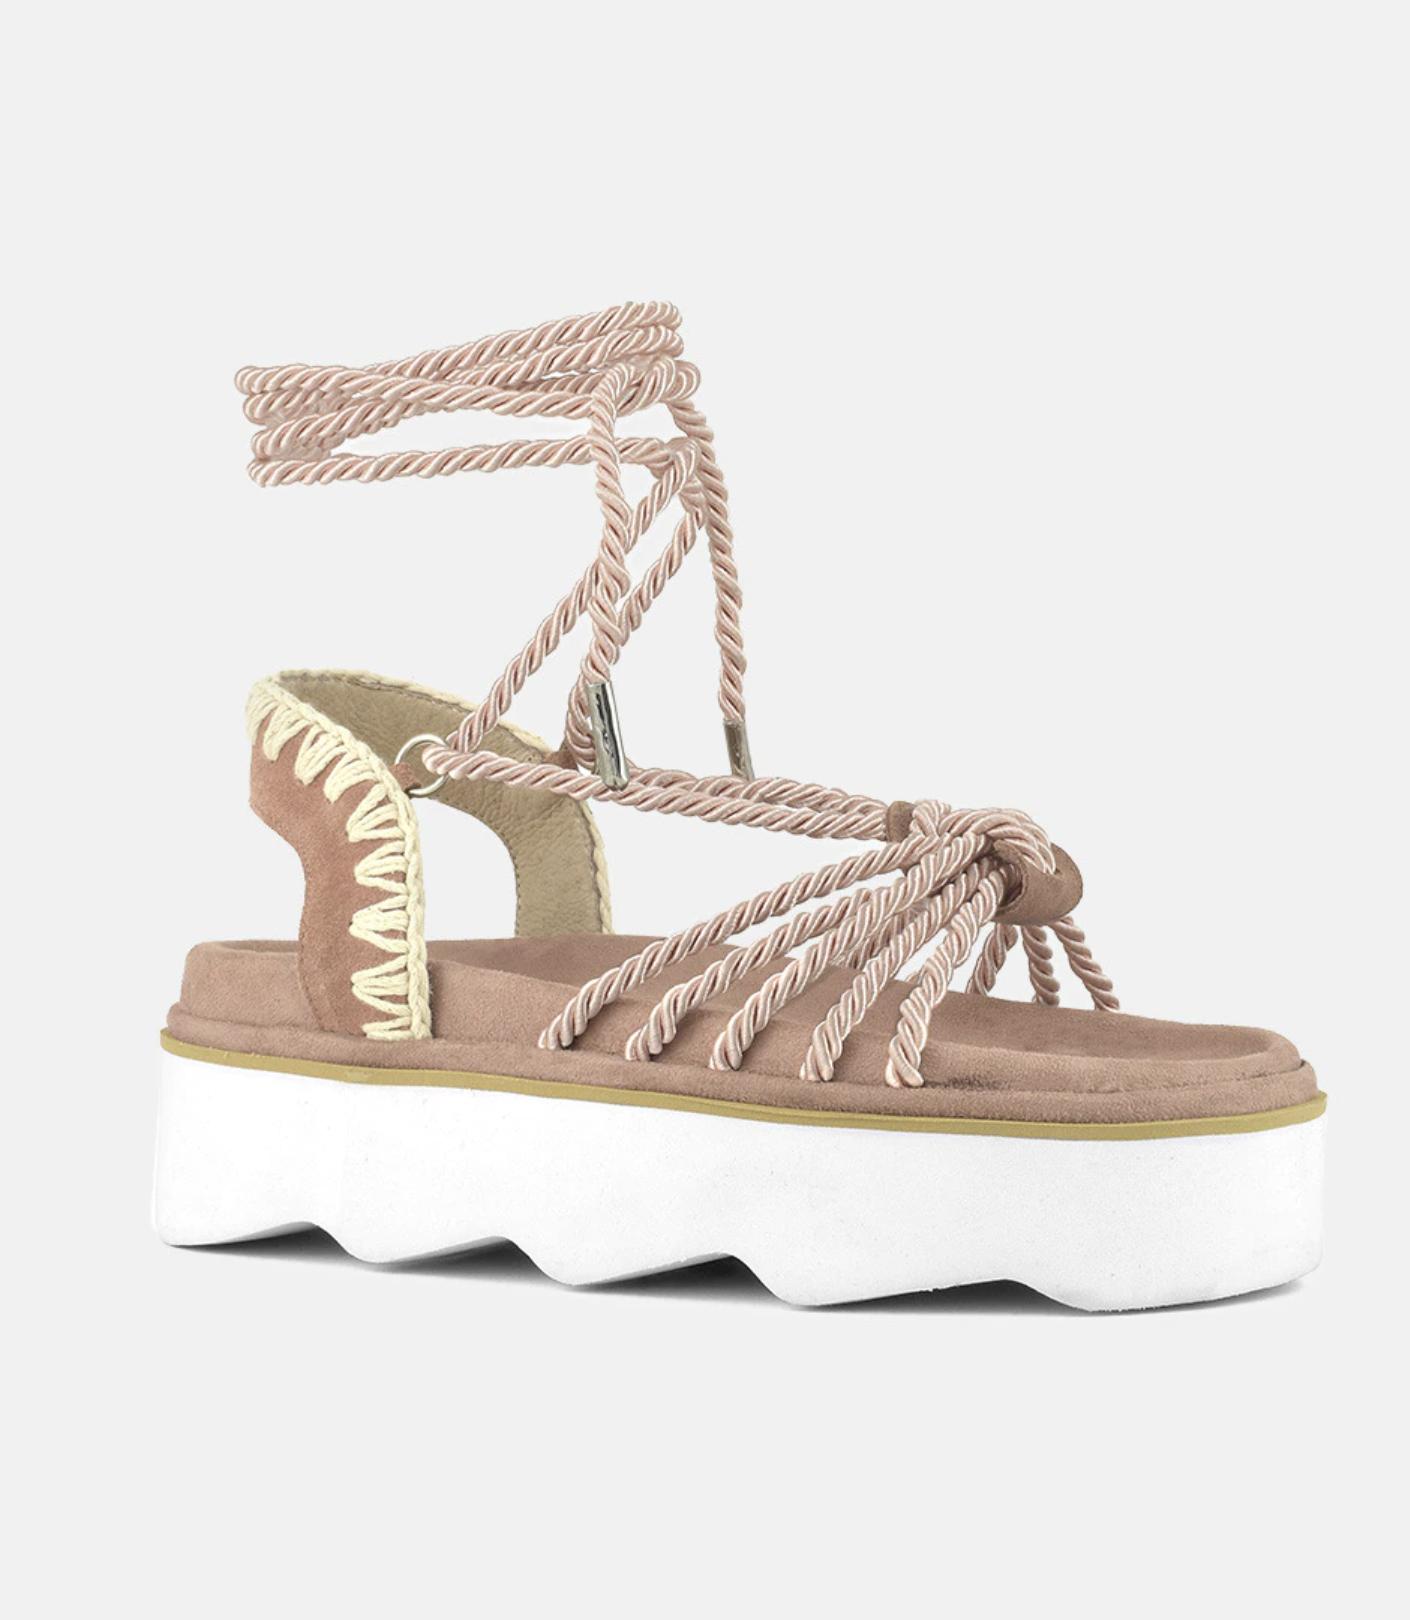 Sandalias de plataforma de mujer Mou en marrón con cierre de cuerdas